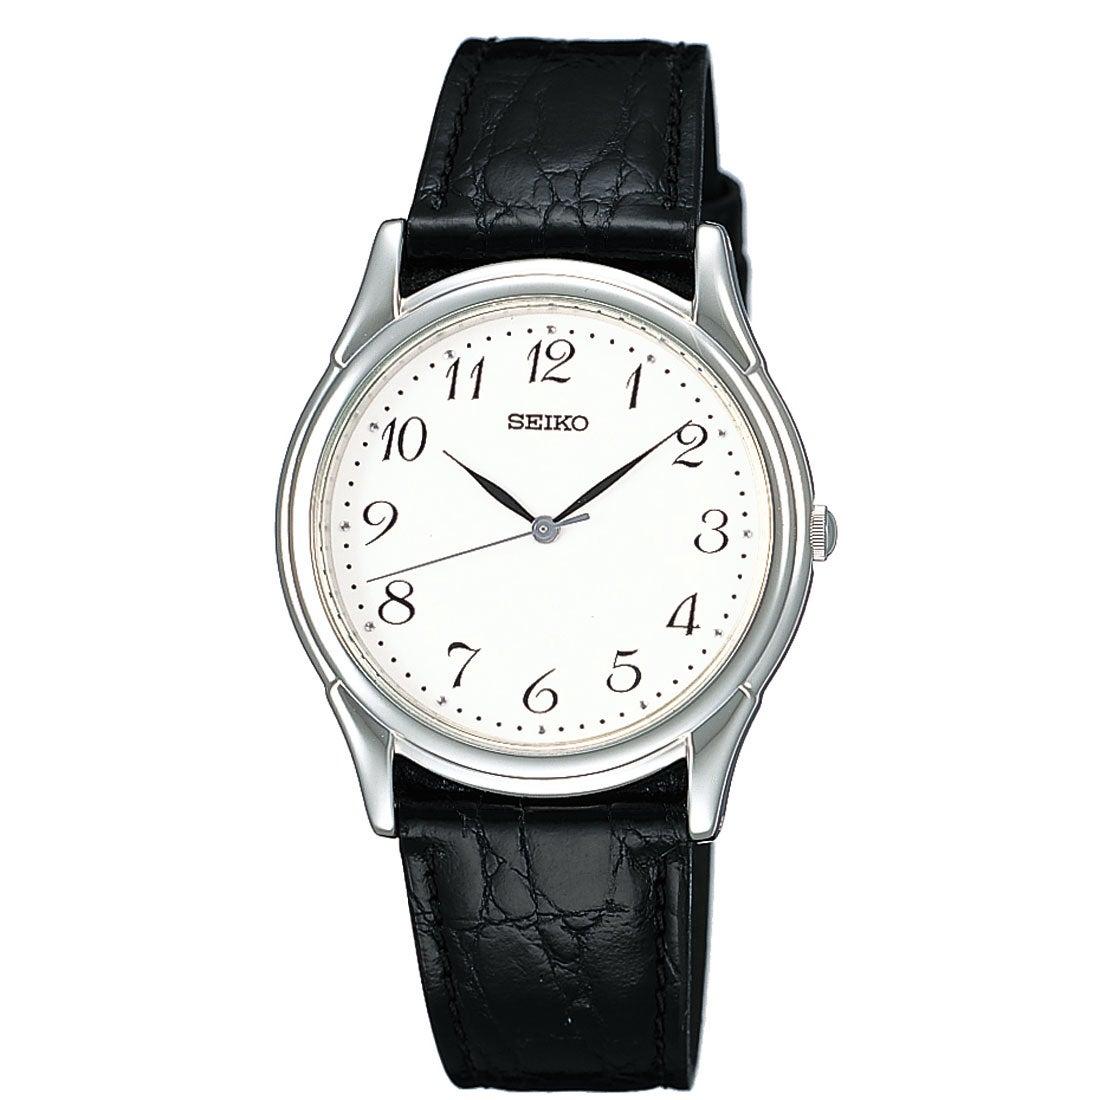 ロコンド 靴とファッションの通販サイトSEIKO スピリット SPIRIT クオーツ ペアウオッチ 腕時計 国産 メンズ SBTB005